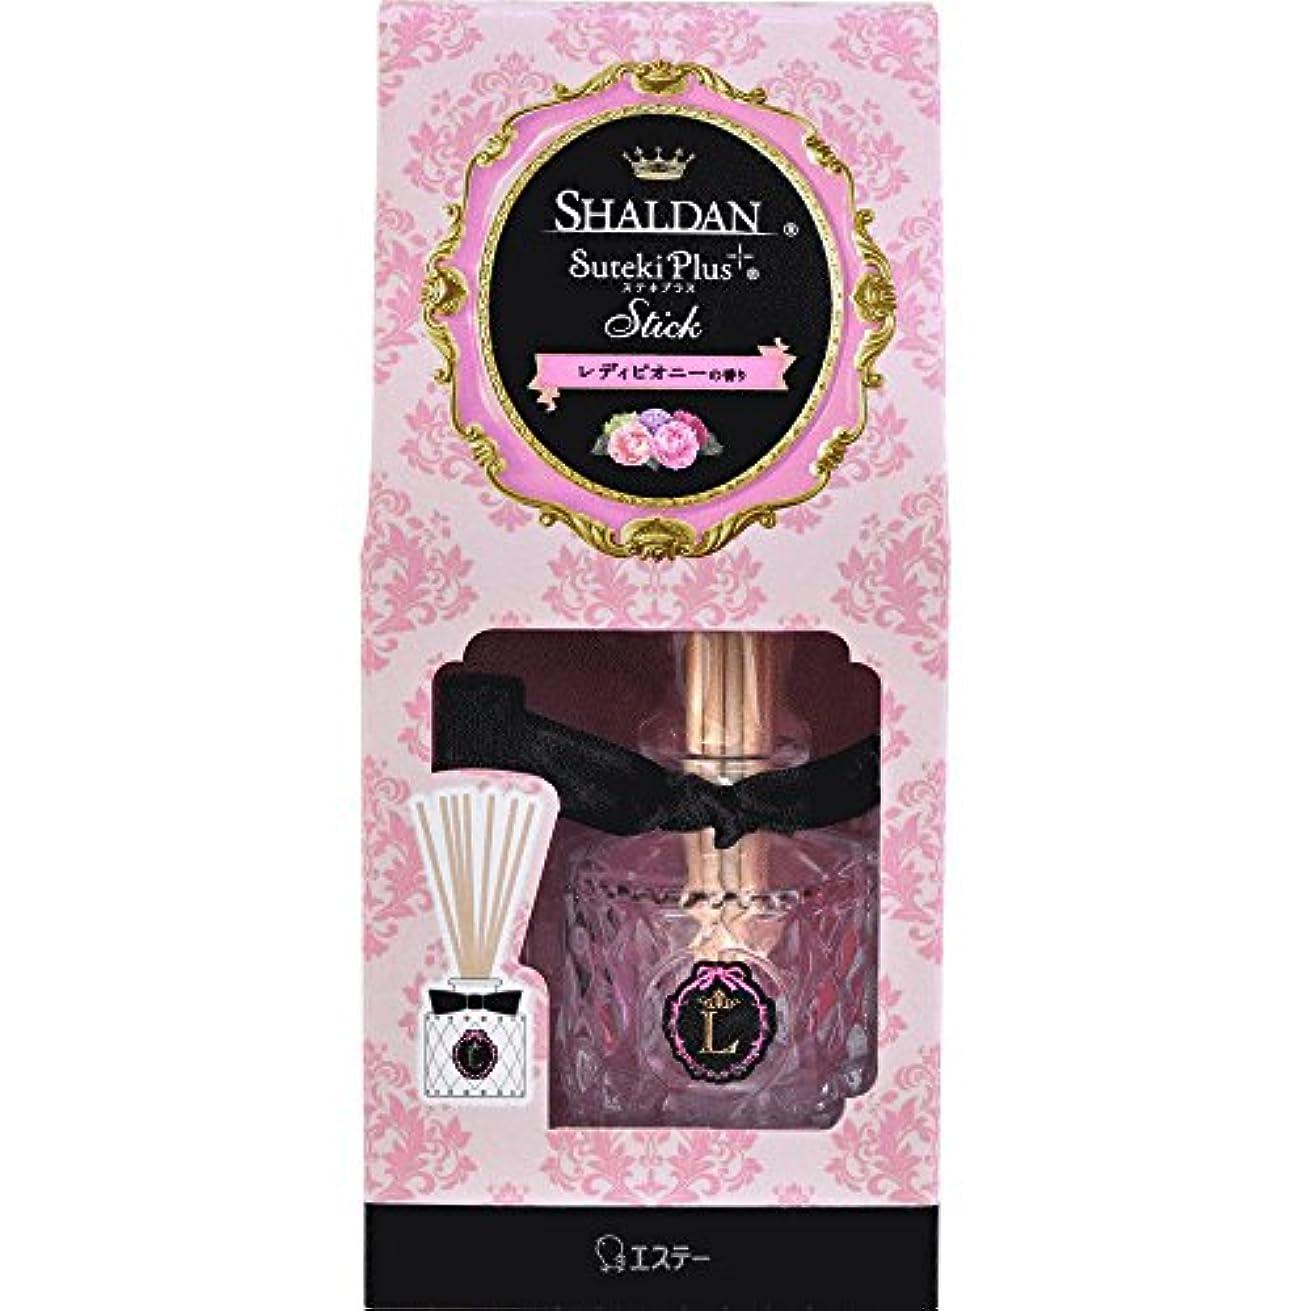 処分した定説異なるシャルダン SHALDAN ステキプラス スティック 消臭芳香剤 部屋用 本体 レディピオニーの香り 45ml